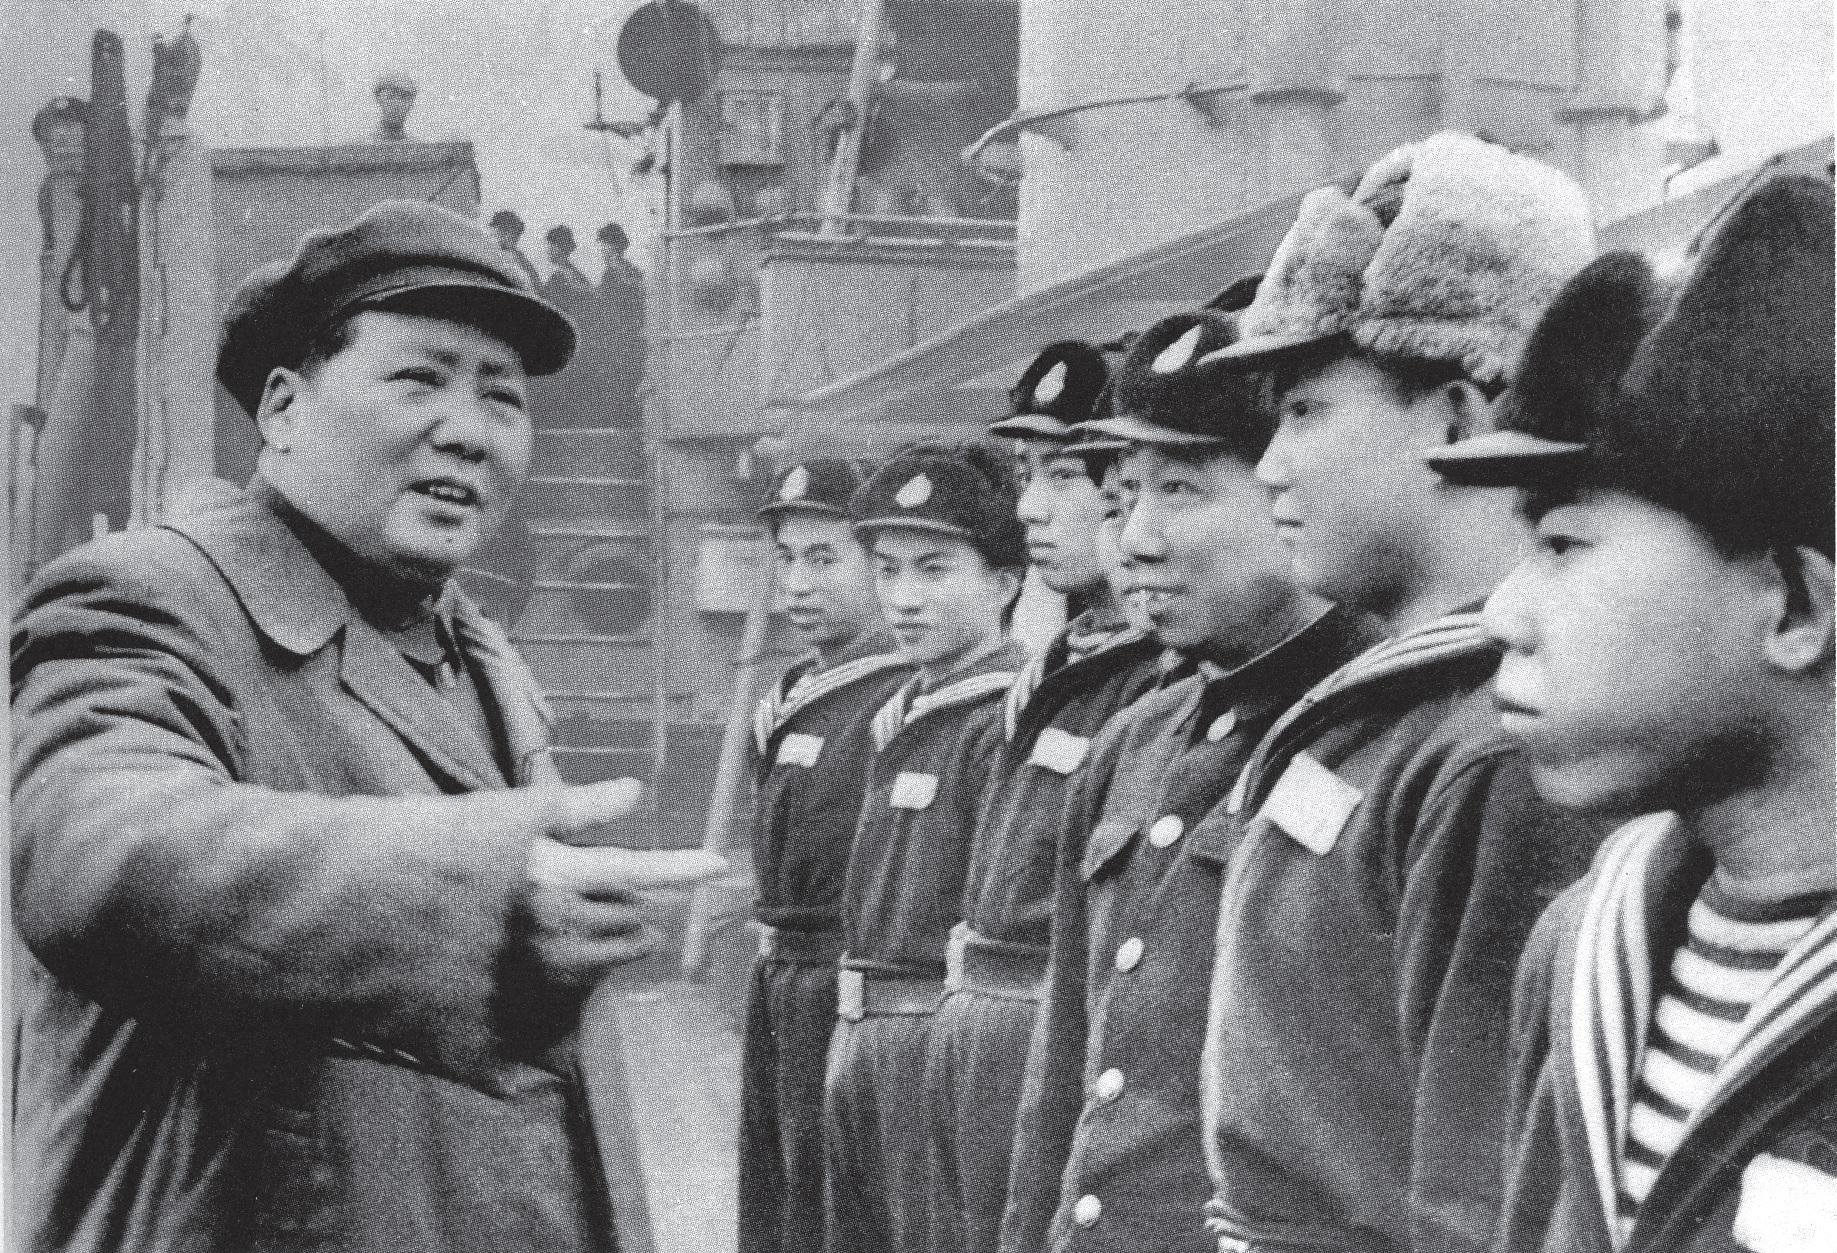 毛泽东纪念堂视频_毛泽东心系海军建设--党史频道-人民网